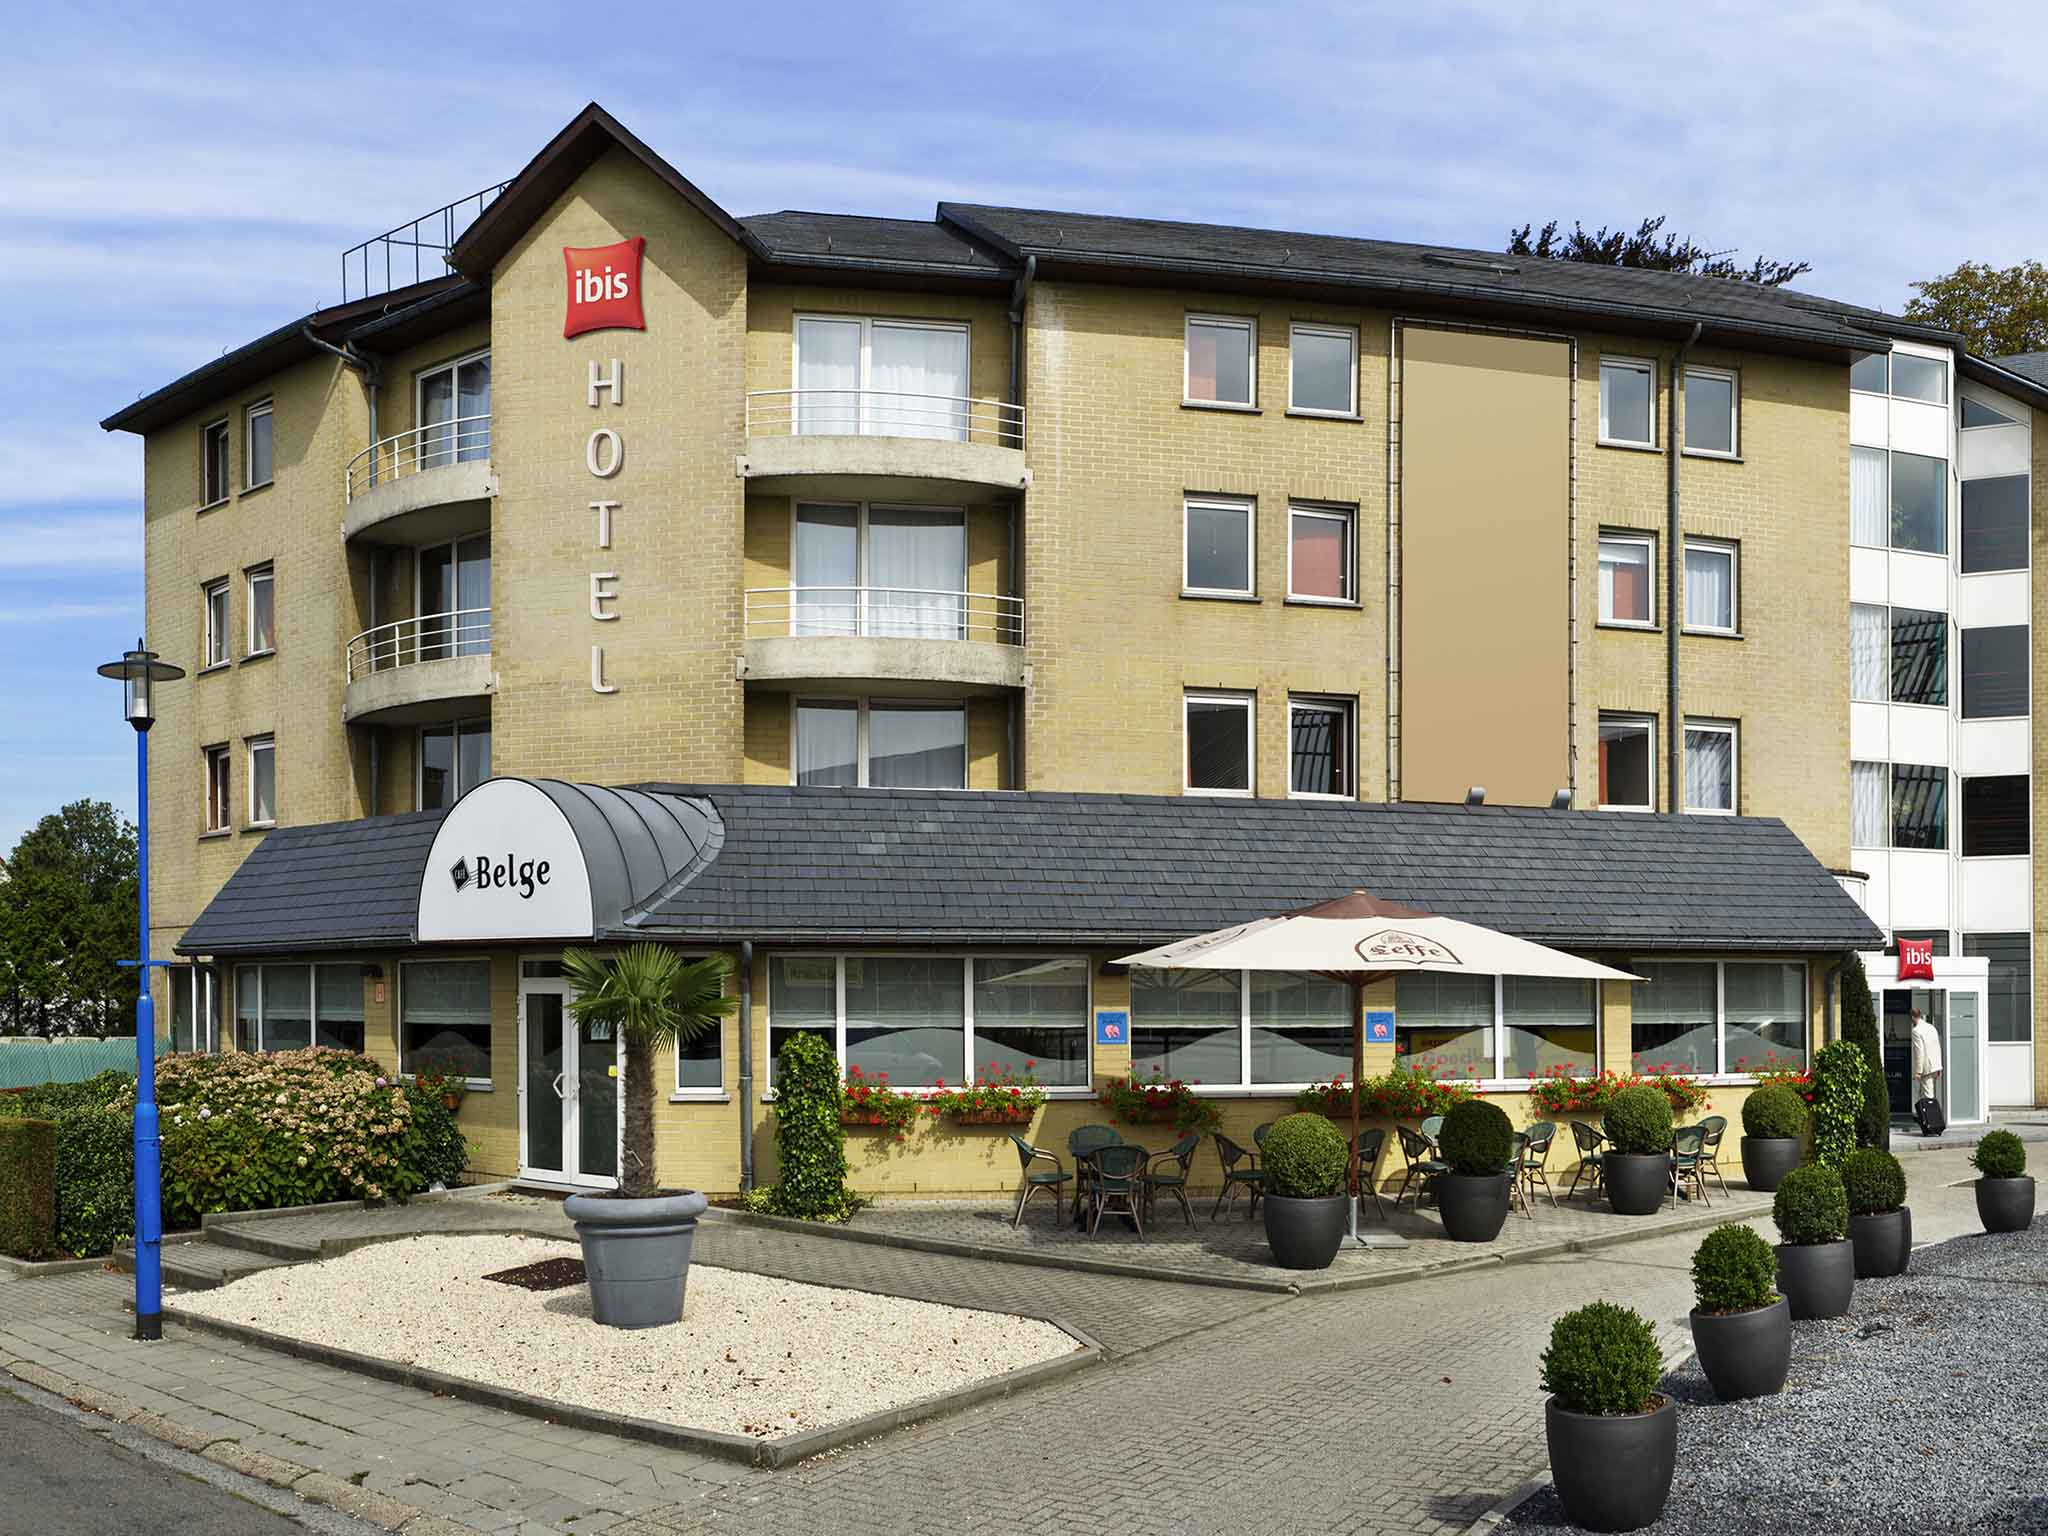 فندق - إيبيس ibis بروكسل إكسبو-أتوميوم